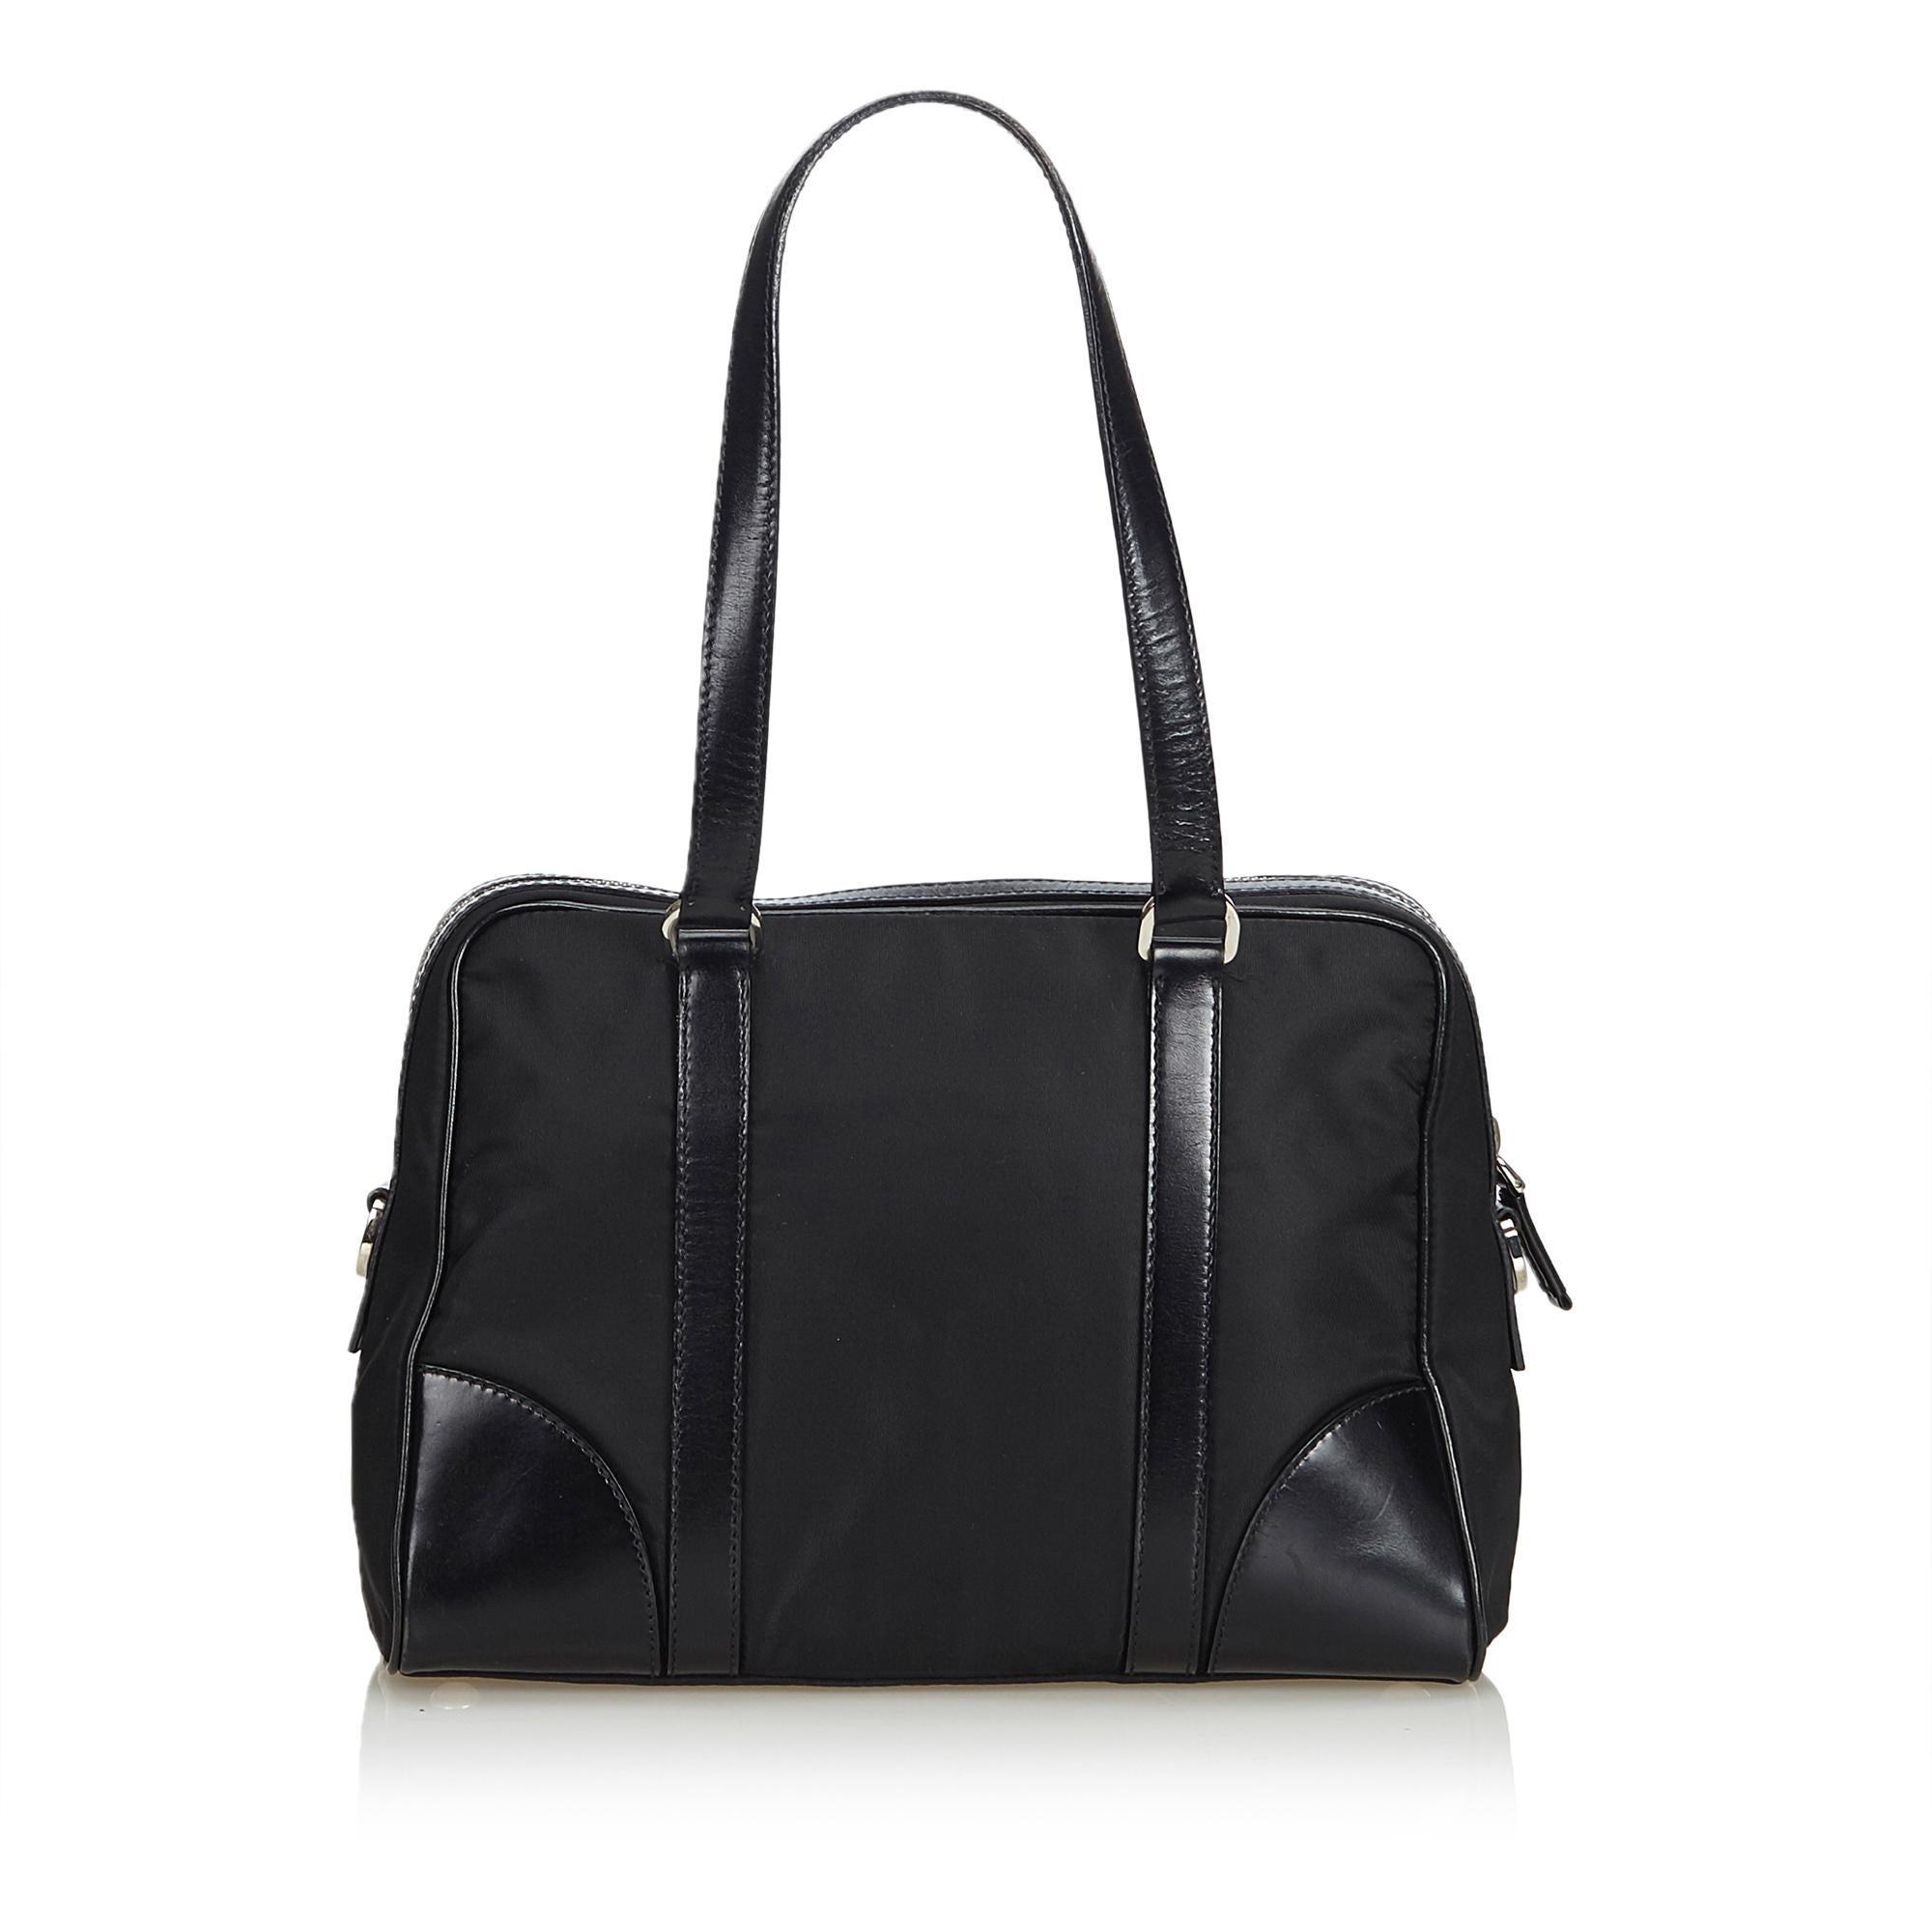 ce215dbd2b11 Prada Black Nylon Handbag at 1stdibs